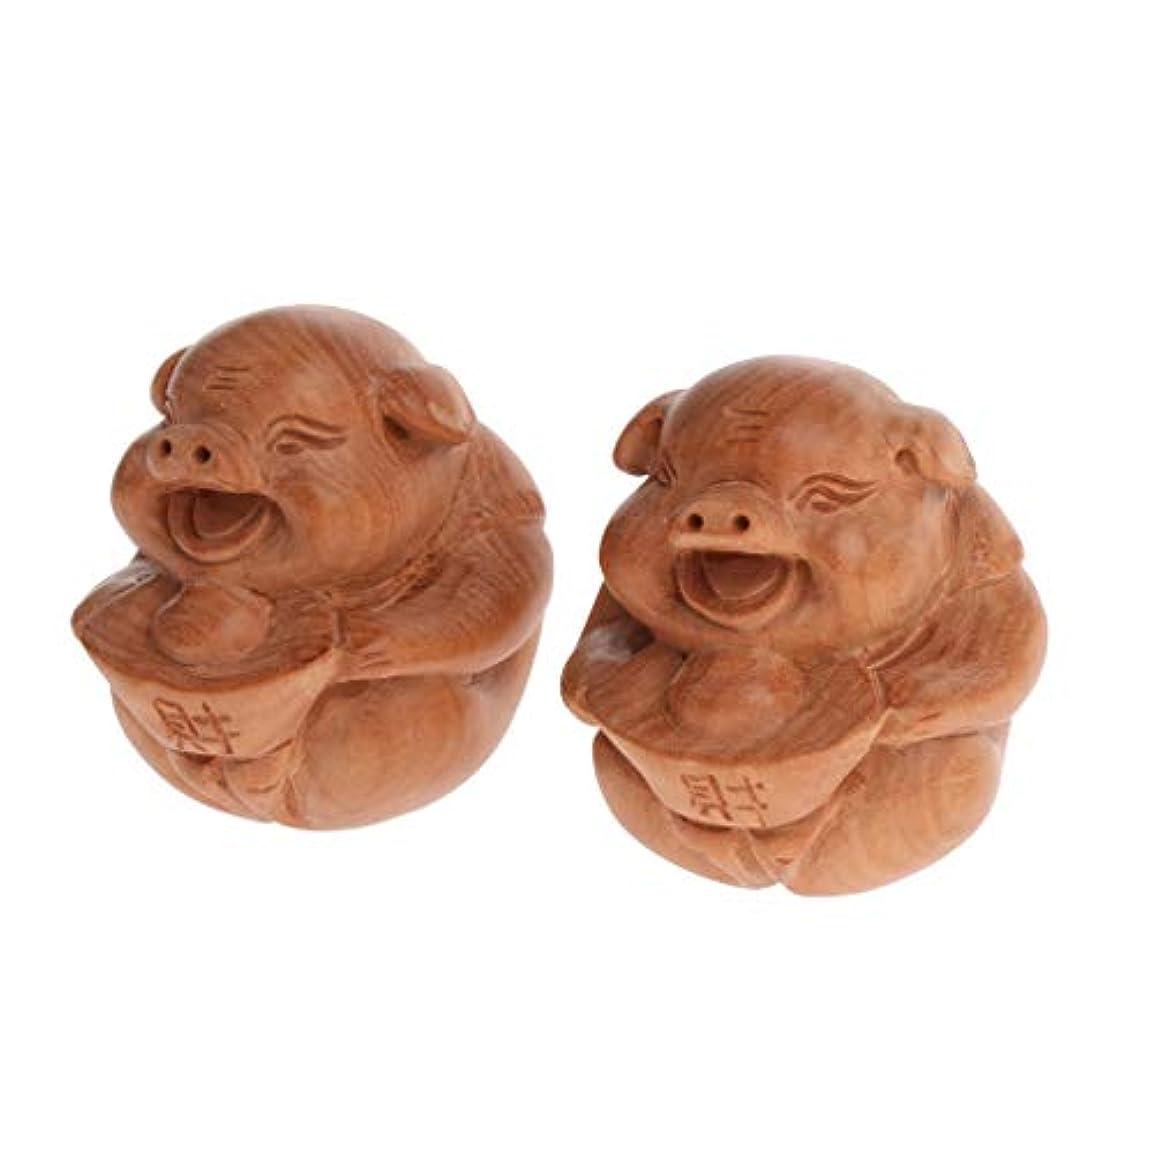 代わりに解釈的器具chiwanji 木製 指エクササイズ ボール マッサージボール フェイシャルエステツール 持ち運び 可能